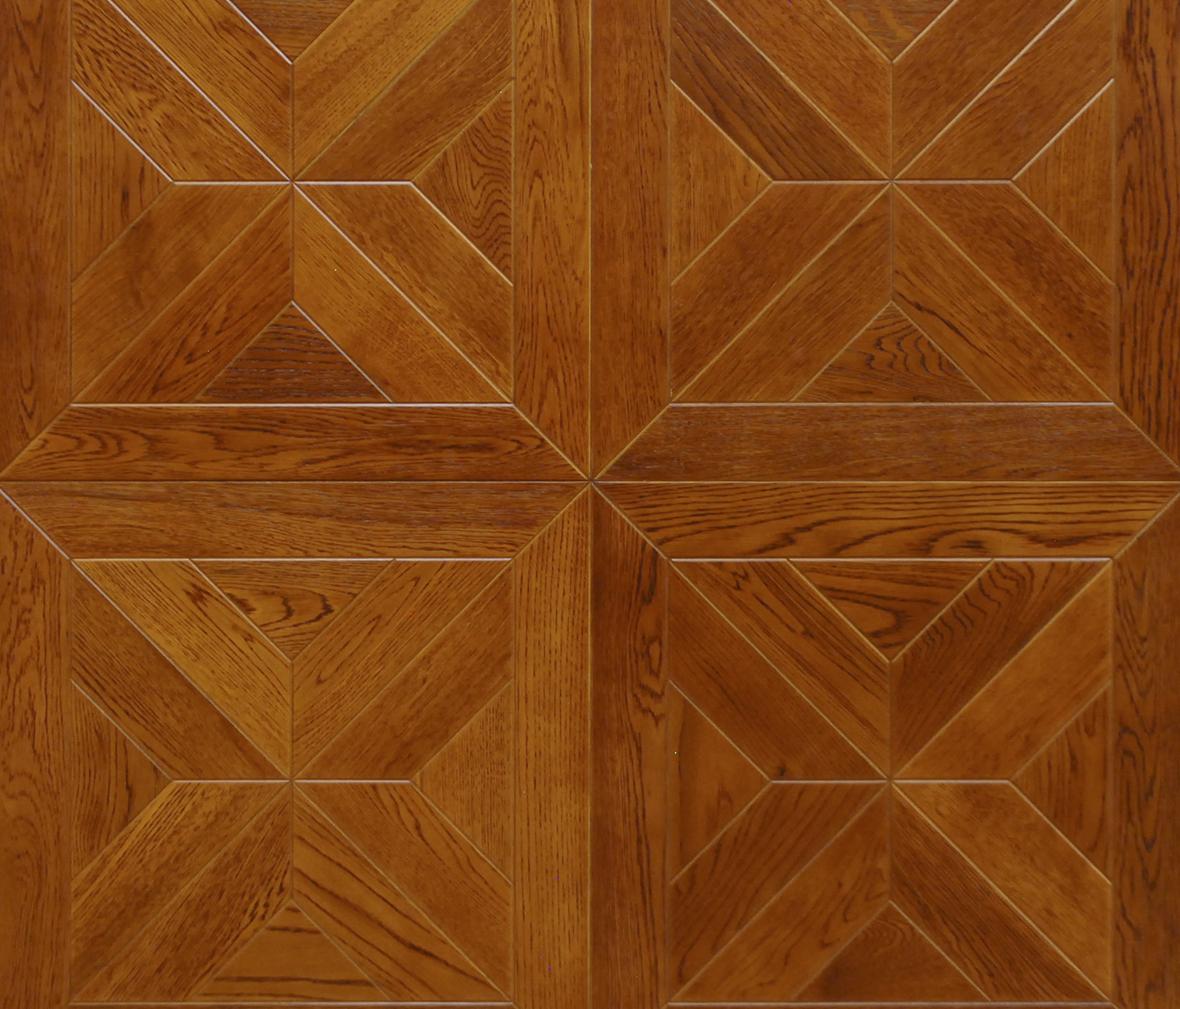 大自然地板 pd803型号 栎木拼花 实木地板 适用于地暖图片